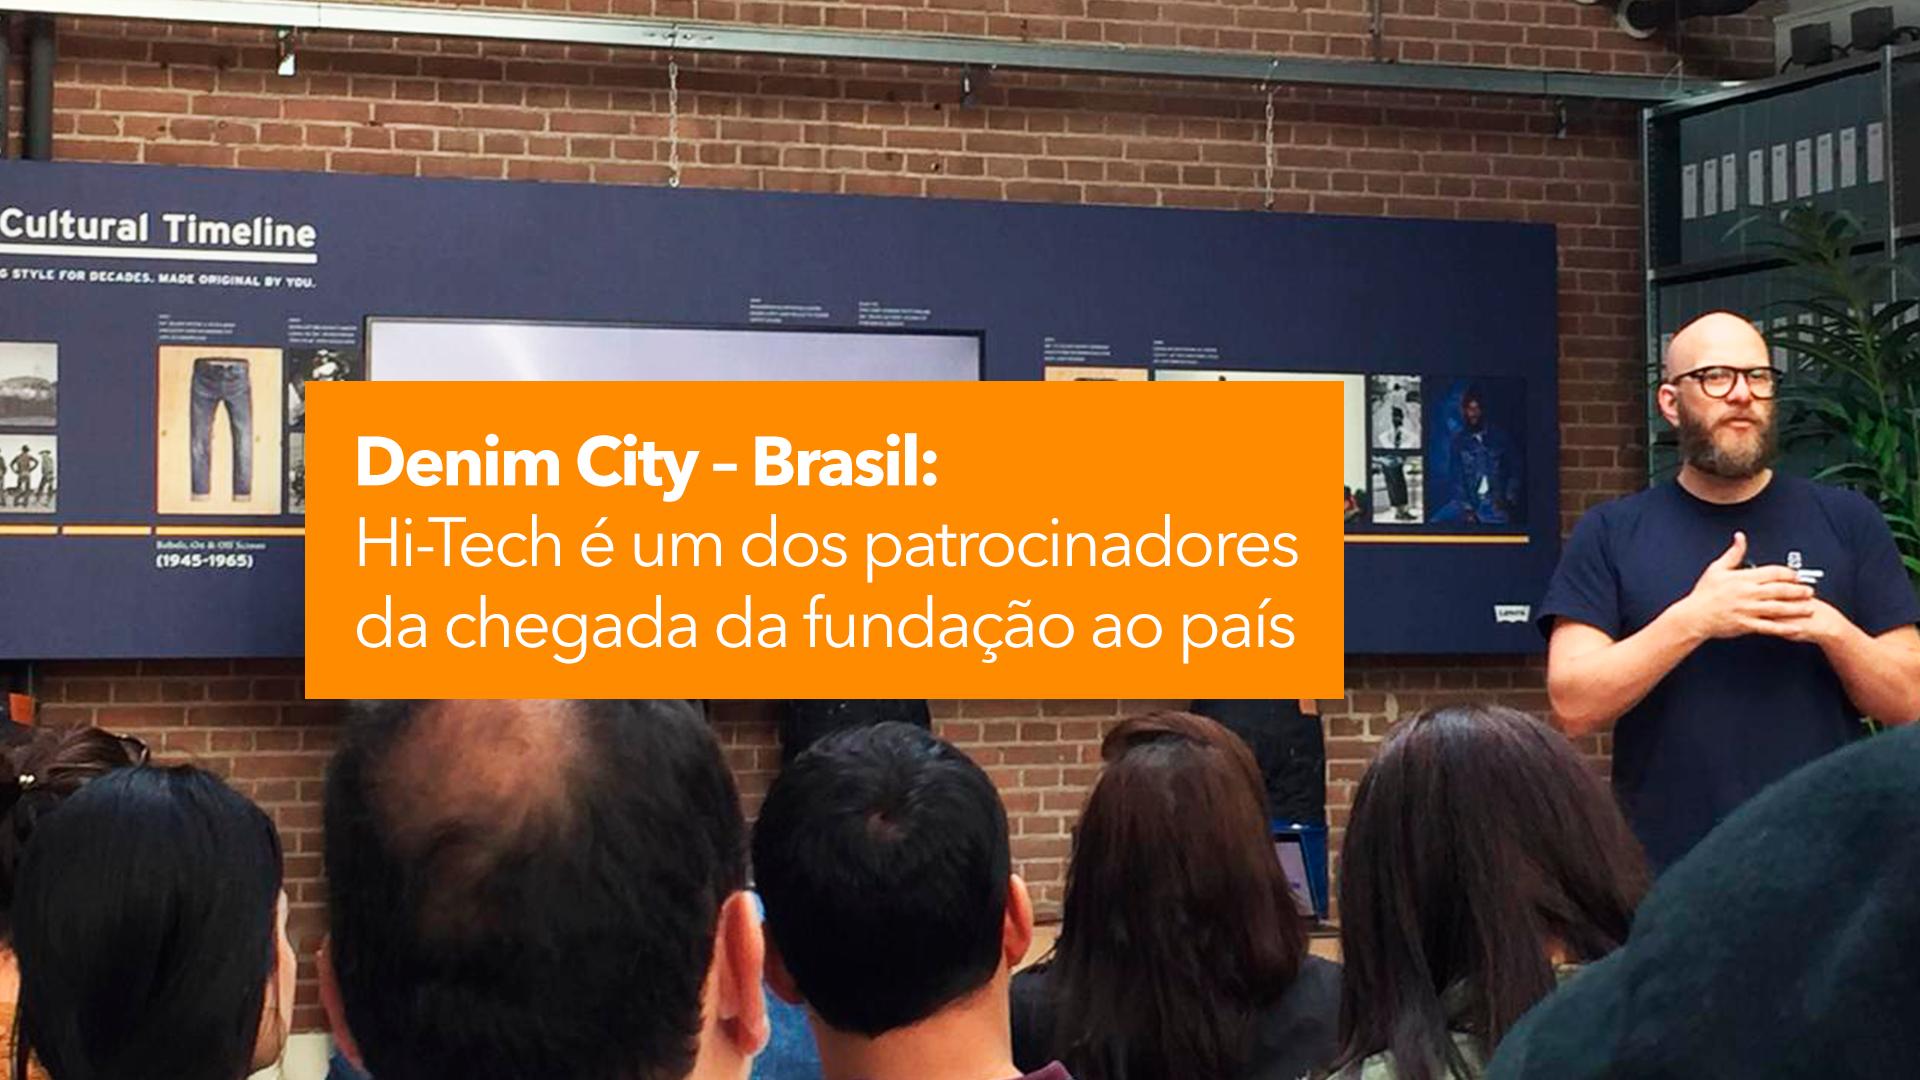 Denim City – Brasil: Hi-Tech é um dos patrocinadores da chegada da fundação ao país